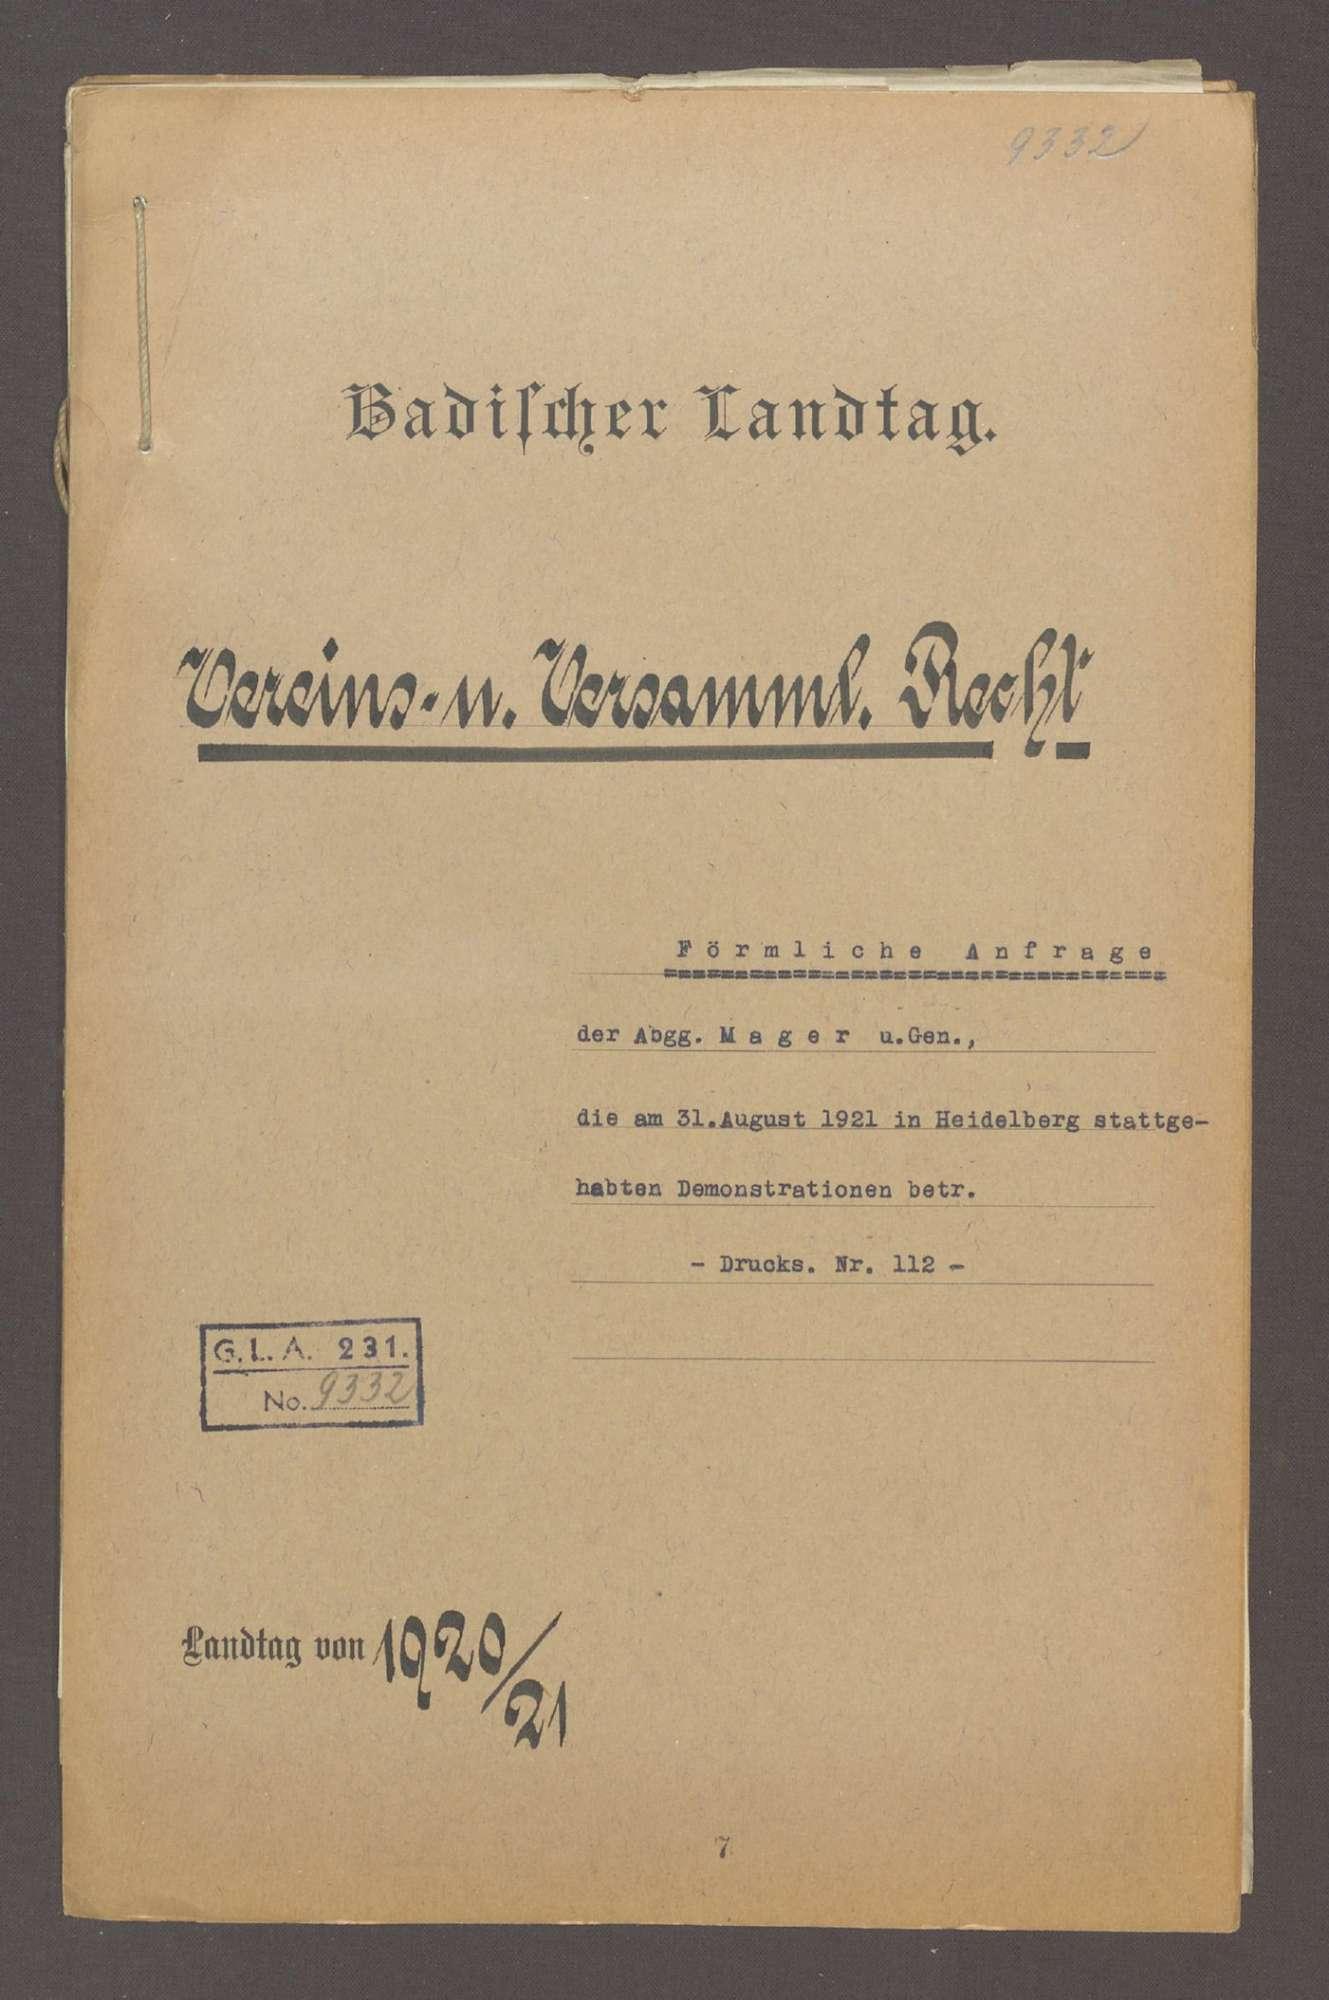 Förmliche Anfrage der Abg. Mager u. Gen., die am 31. August 1921 in Heidelberg stattgehabten Demonstrationen betr., über das Verbot der Süddeutschen Zeitung und das Verbot von Regimentsfeiern, Bild 1